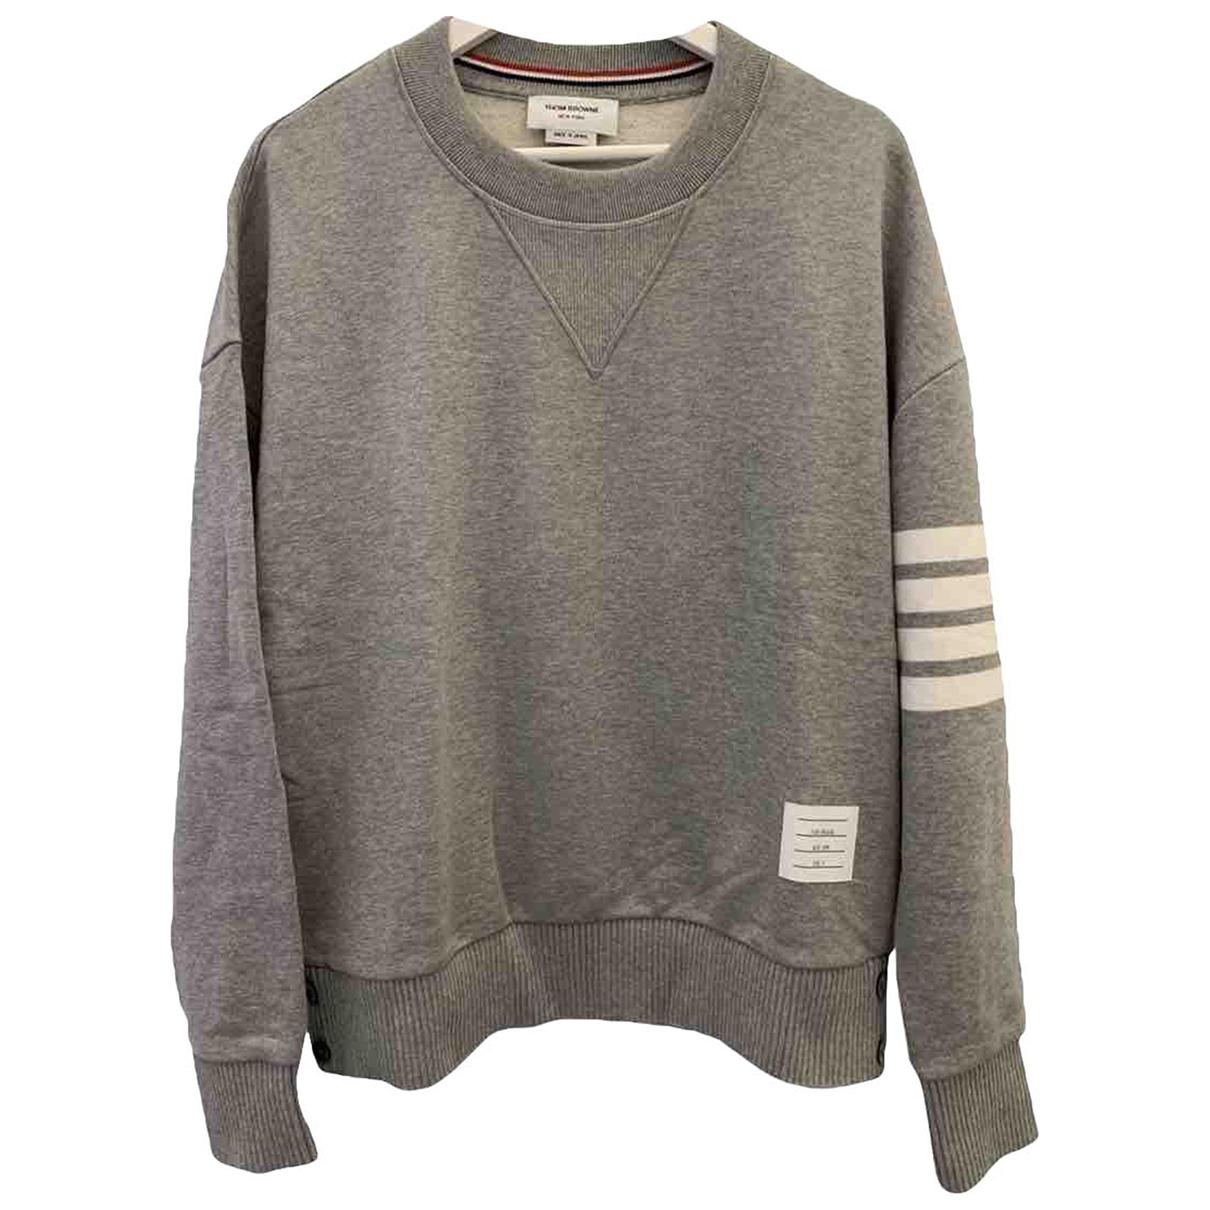 Thom Browne - Pulls.Gilets.Sweats   pour homme en coton - gris